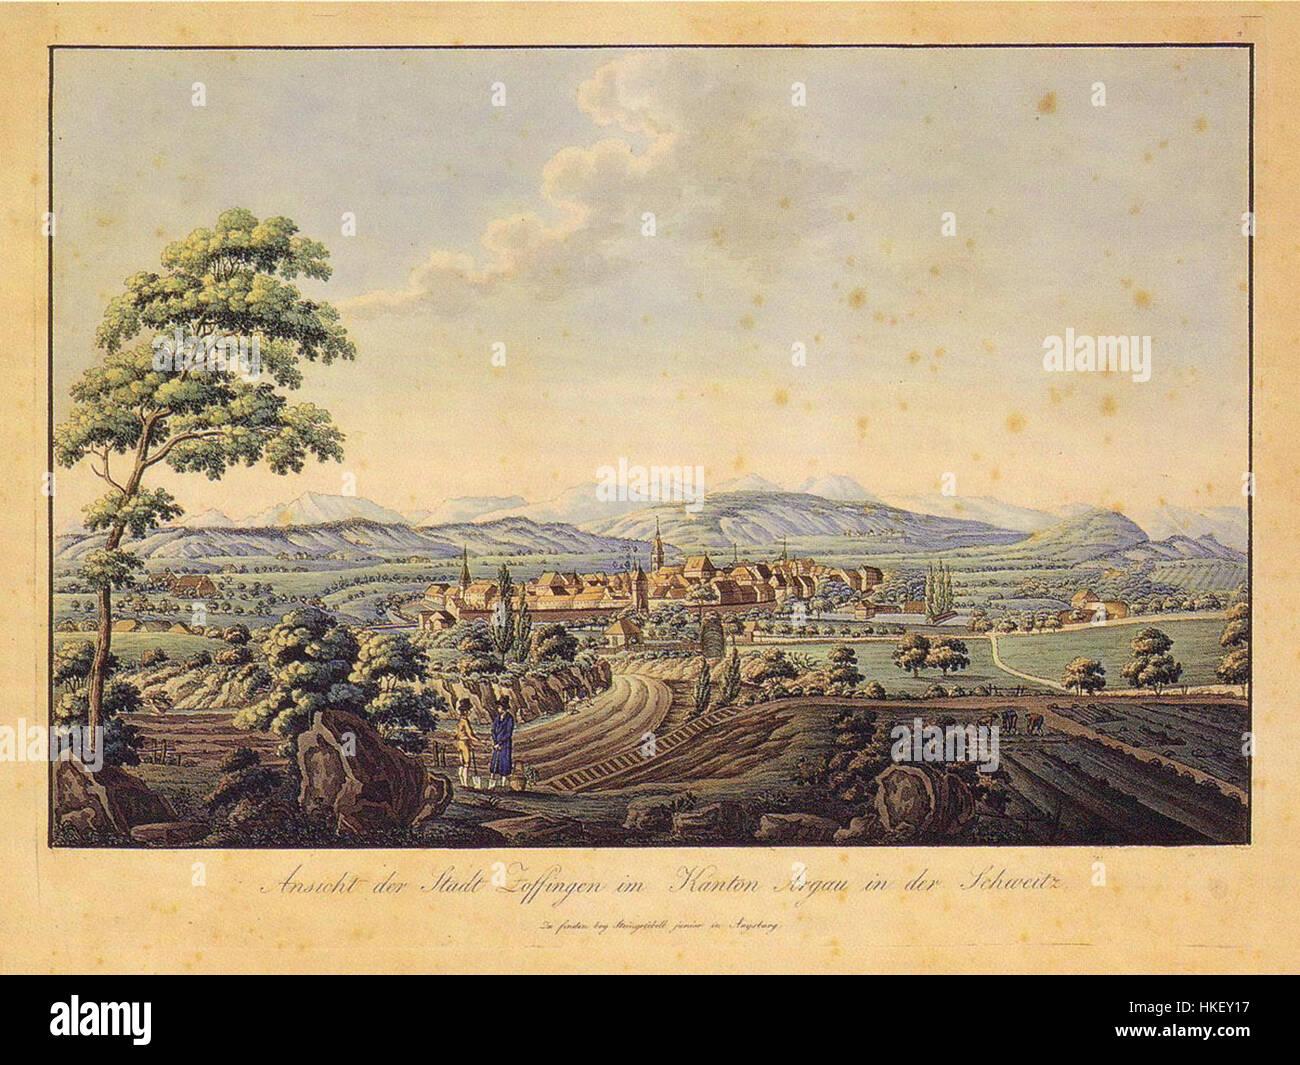 Zofingen 1805 - Stock Image